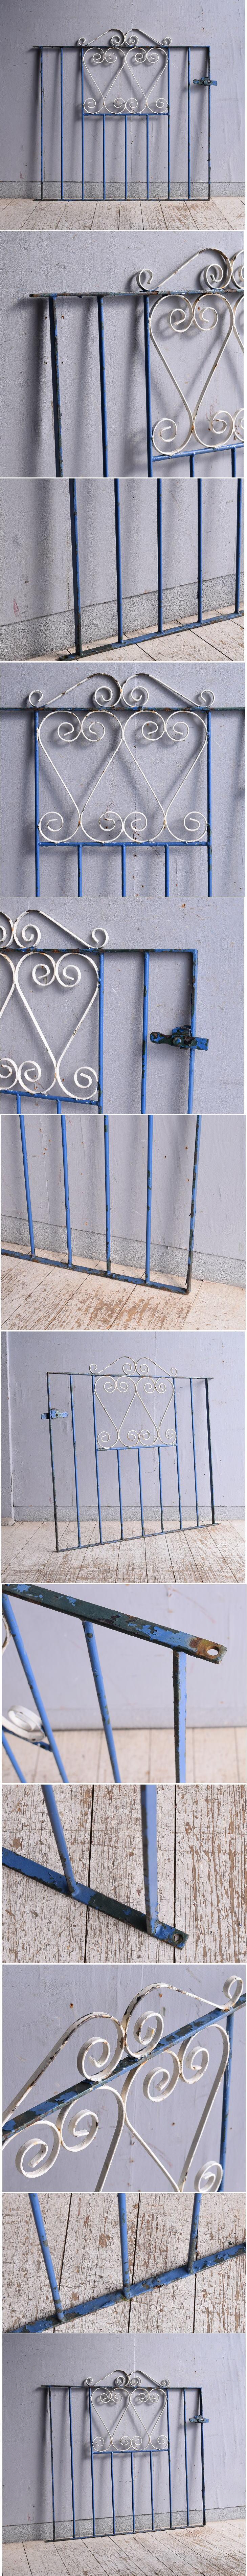 イギリスアンティーク アイアンフェンス ゲート柵 ガーデニング 9338